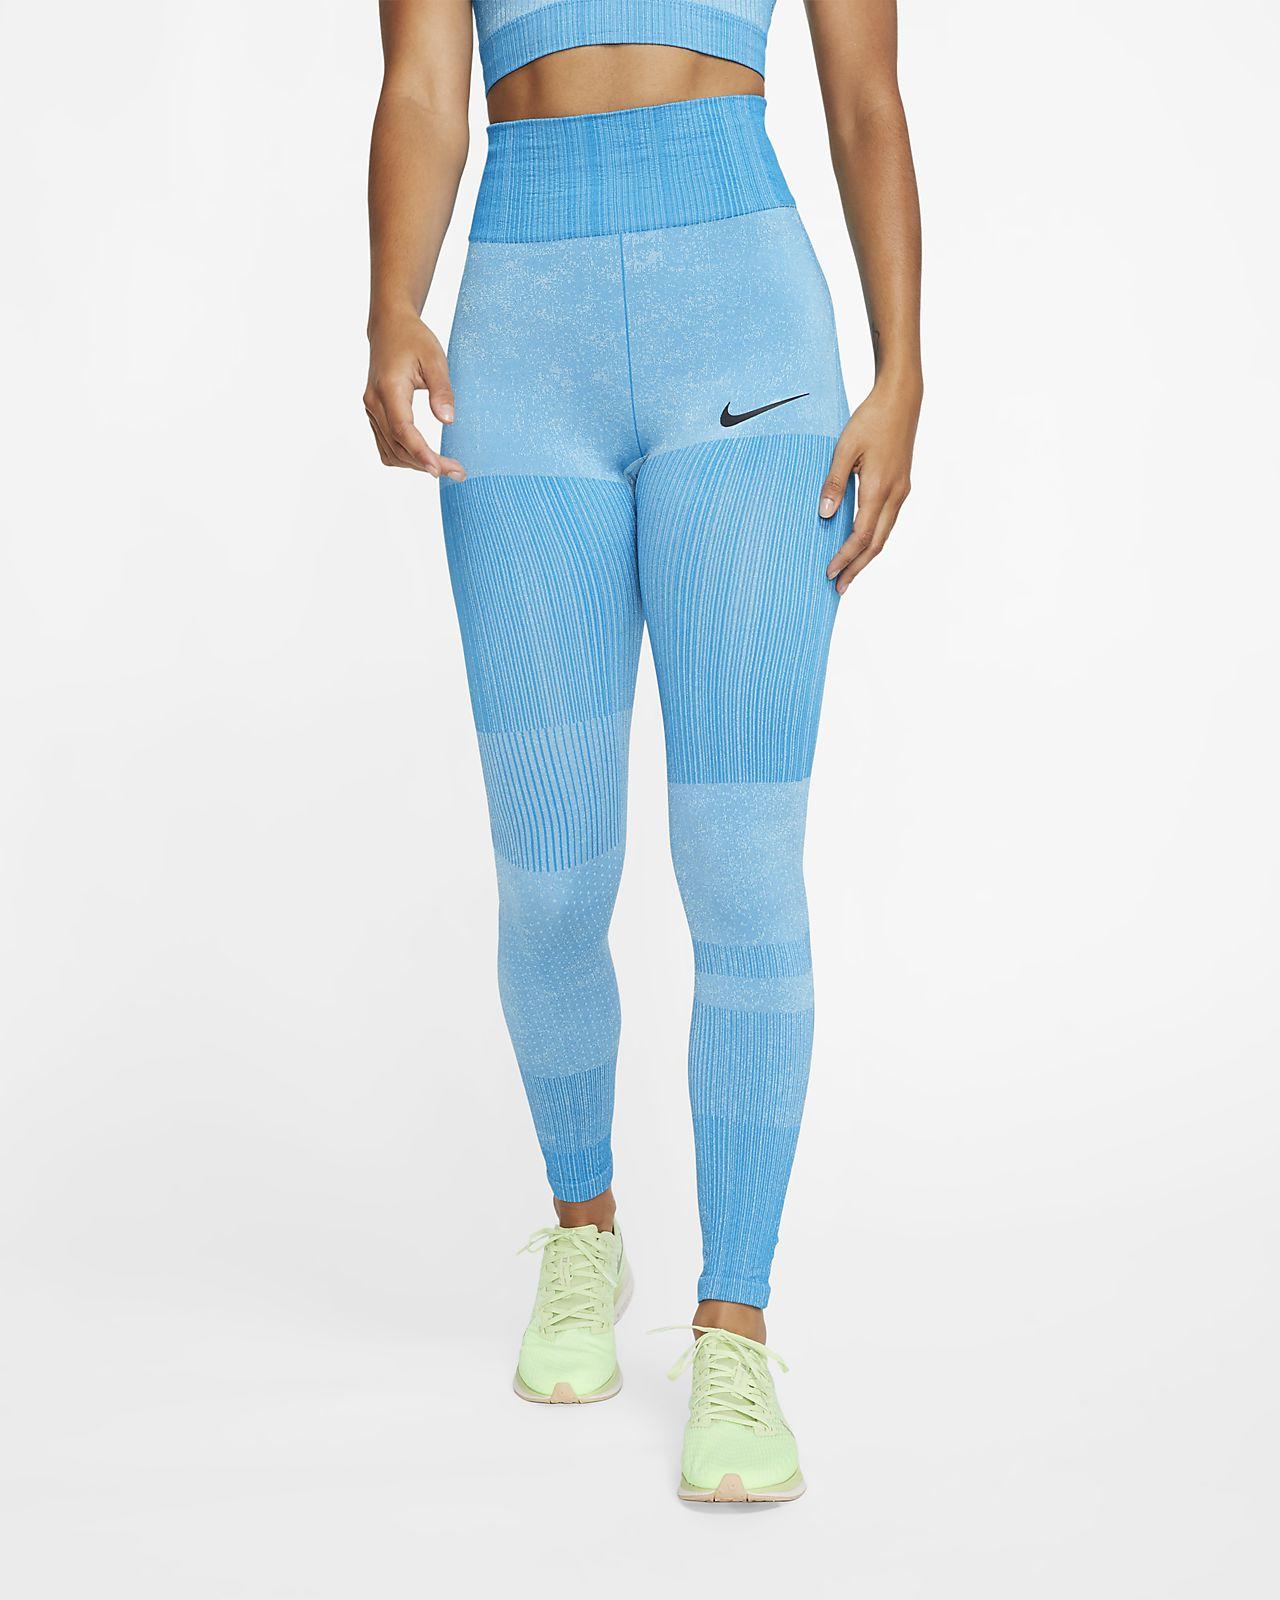 Nike City Ready Malles de teixit Knit d'entrenament - Dona